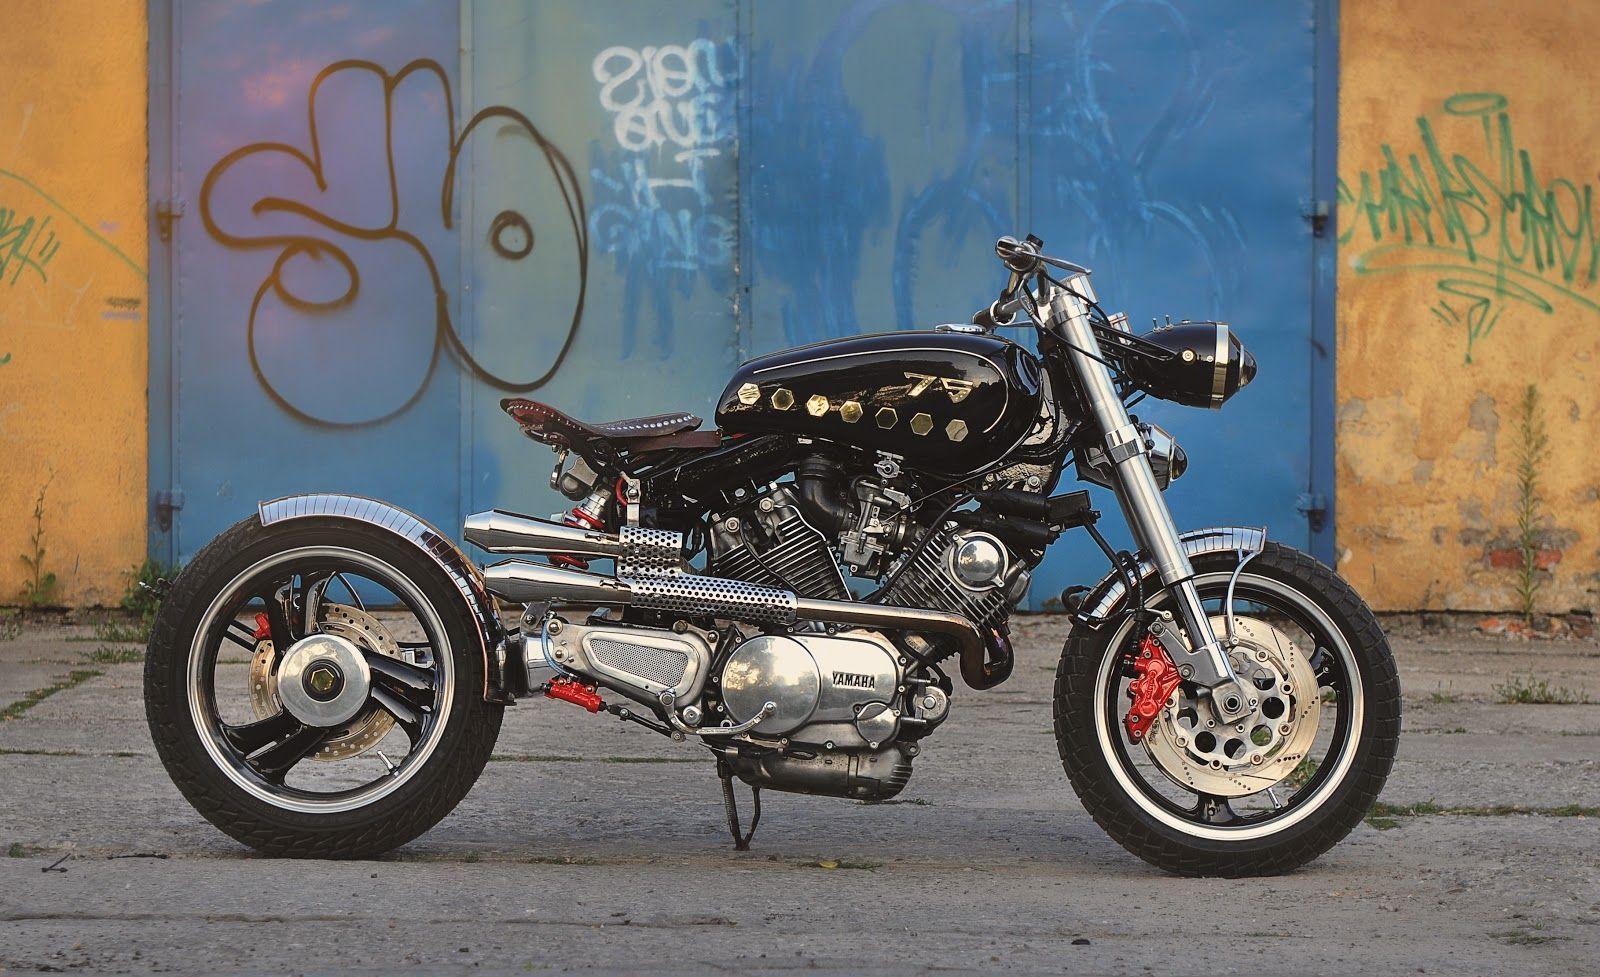 1982 Yamaha XV750 | Wotjek Spyra's Yamaha XV750 'Cyclop'